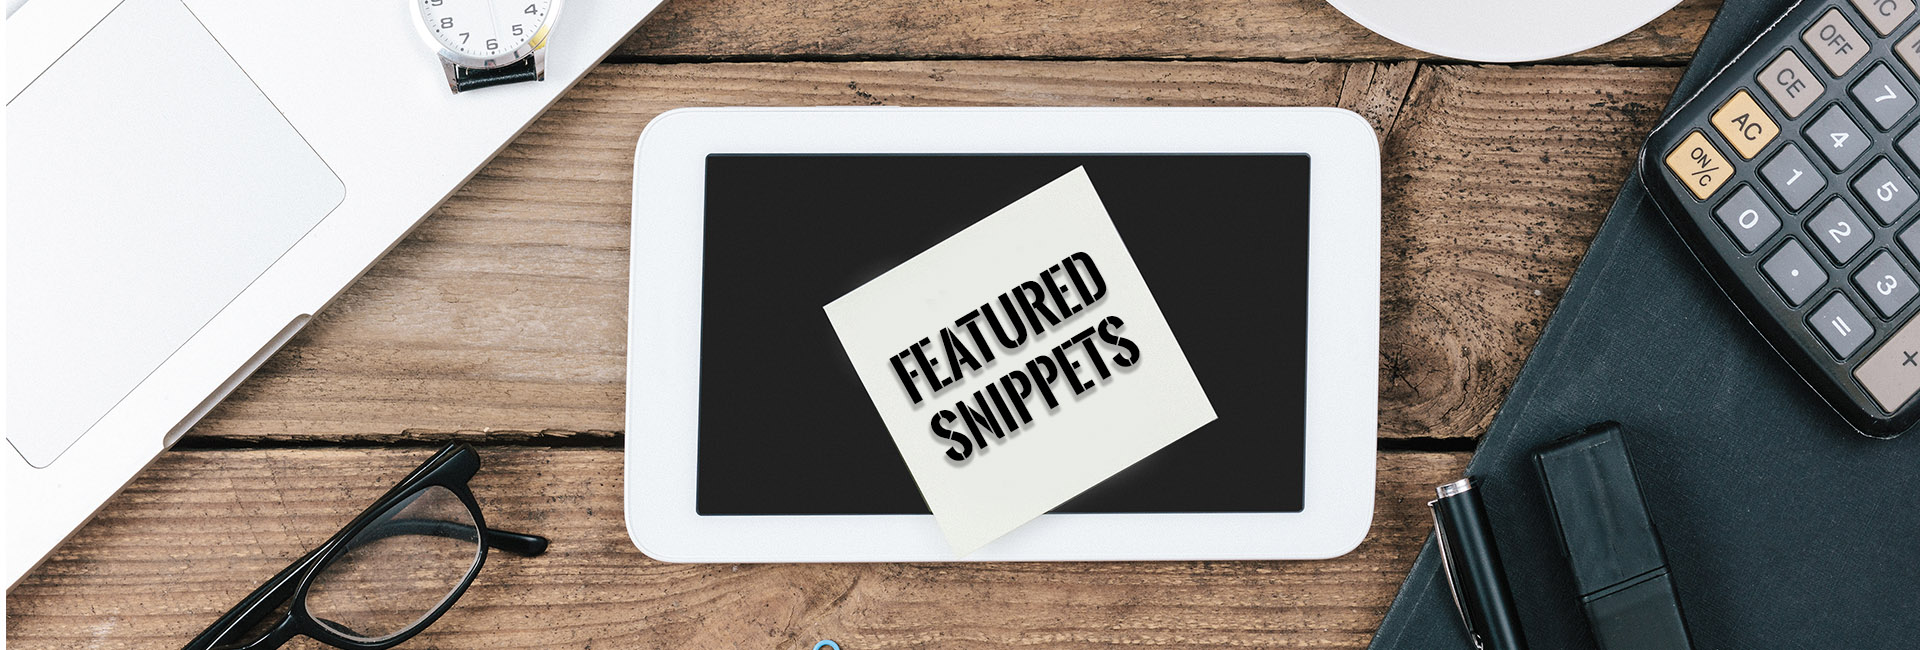 Zijn featured snippets nuttig ||voor SEO?